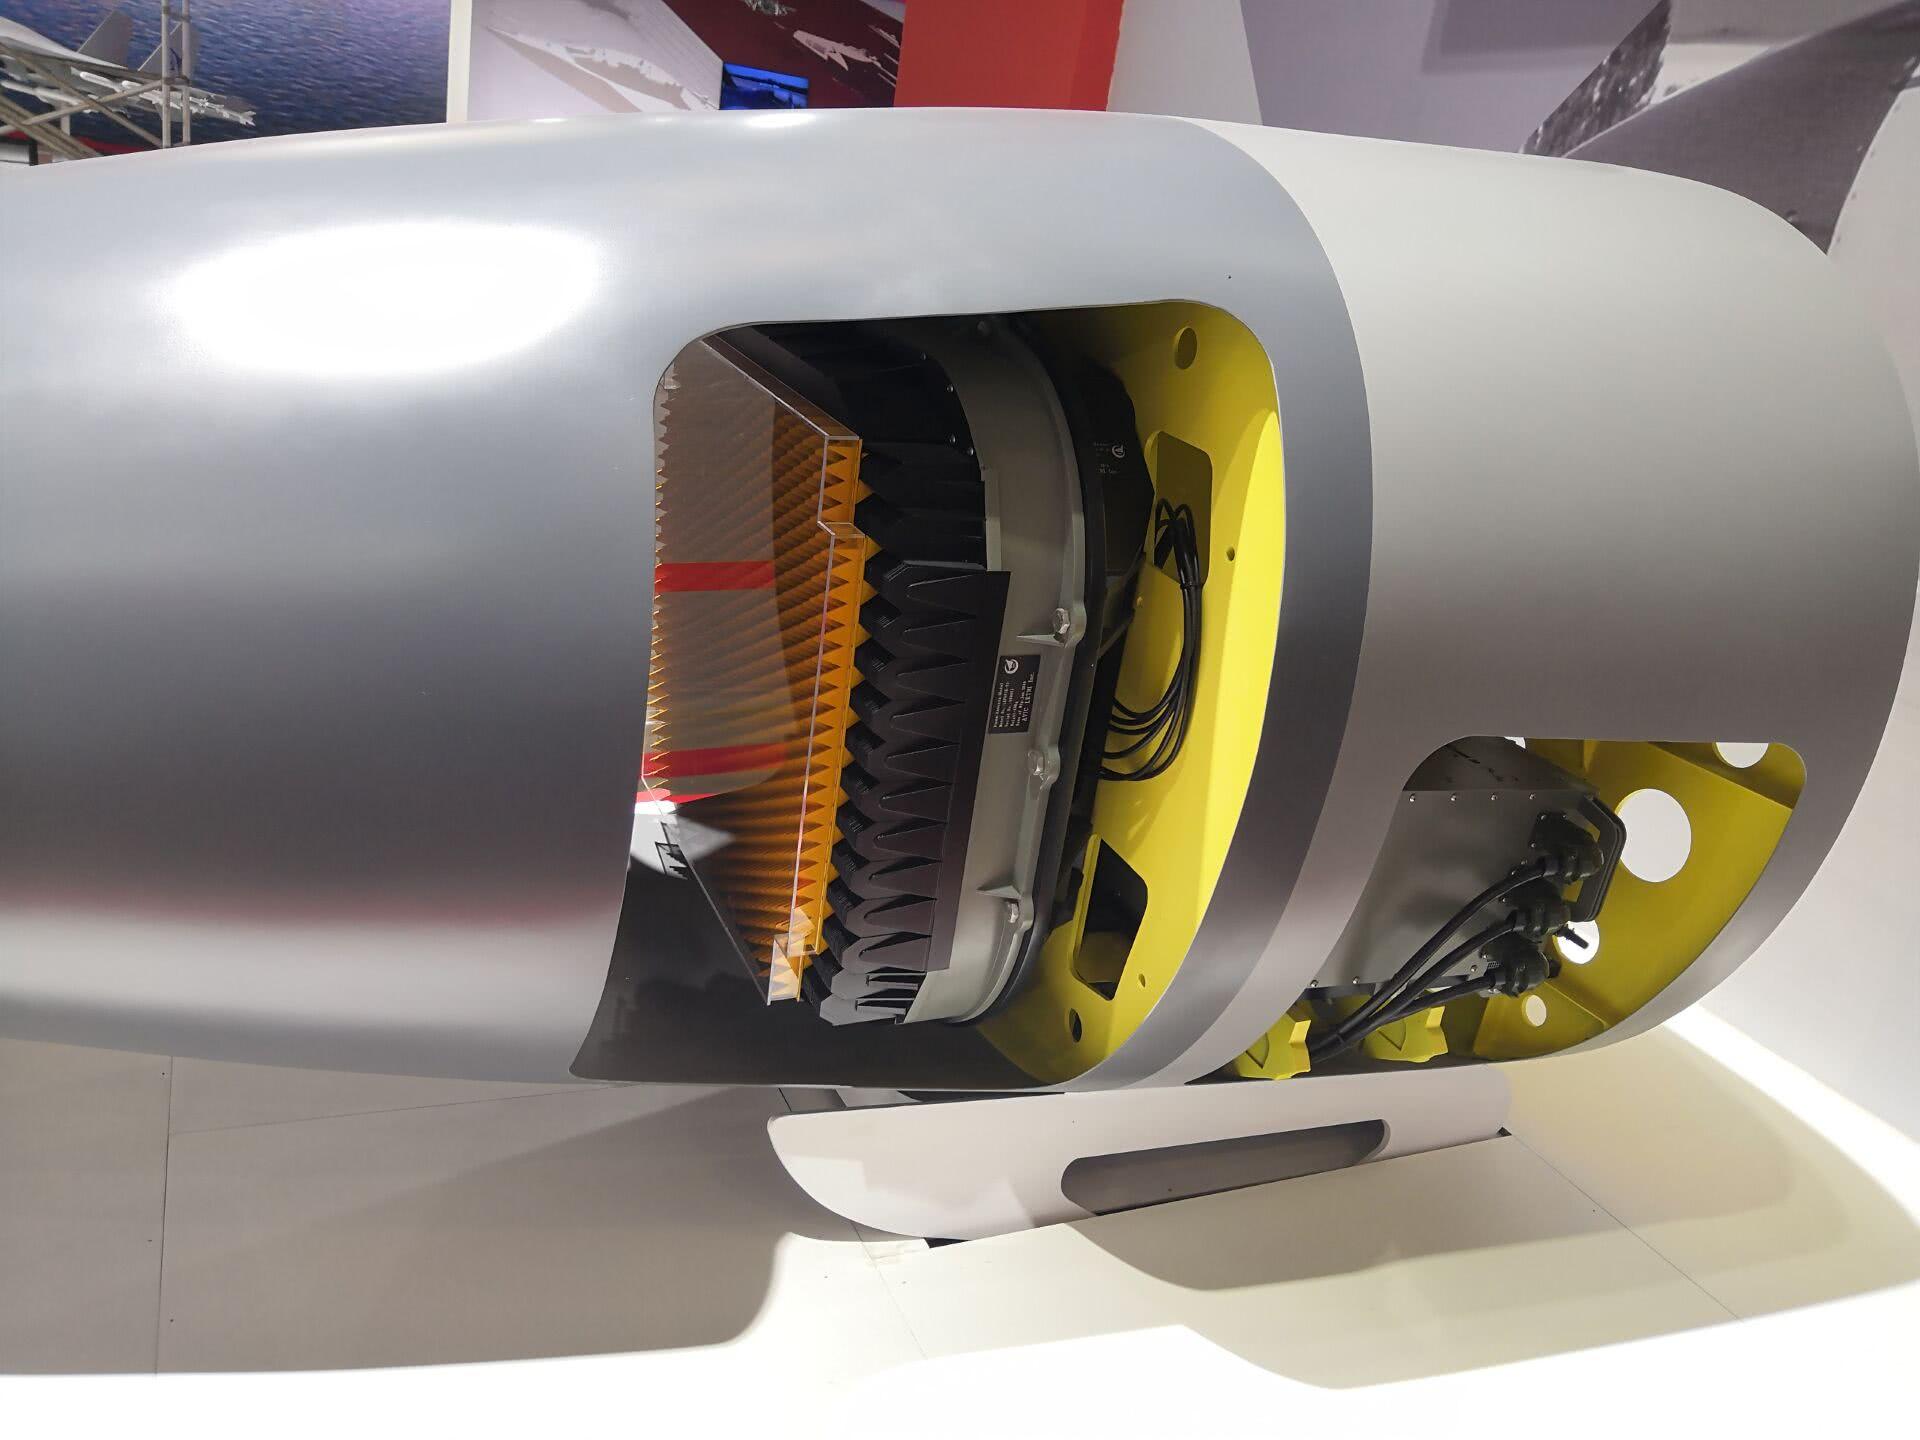 枭龙3竟配备两款相控阵雷达 这大手笔是多么豪气